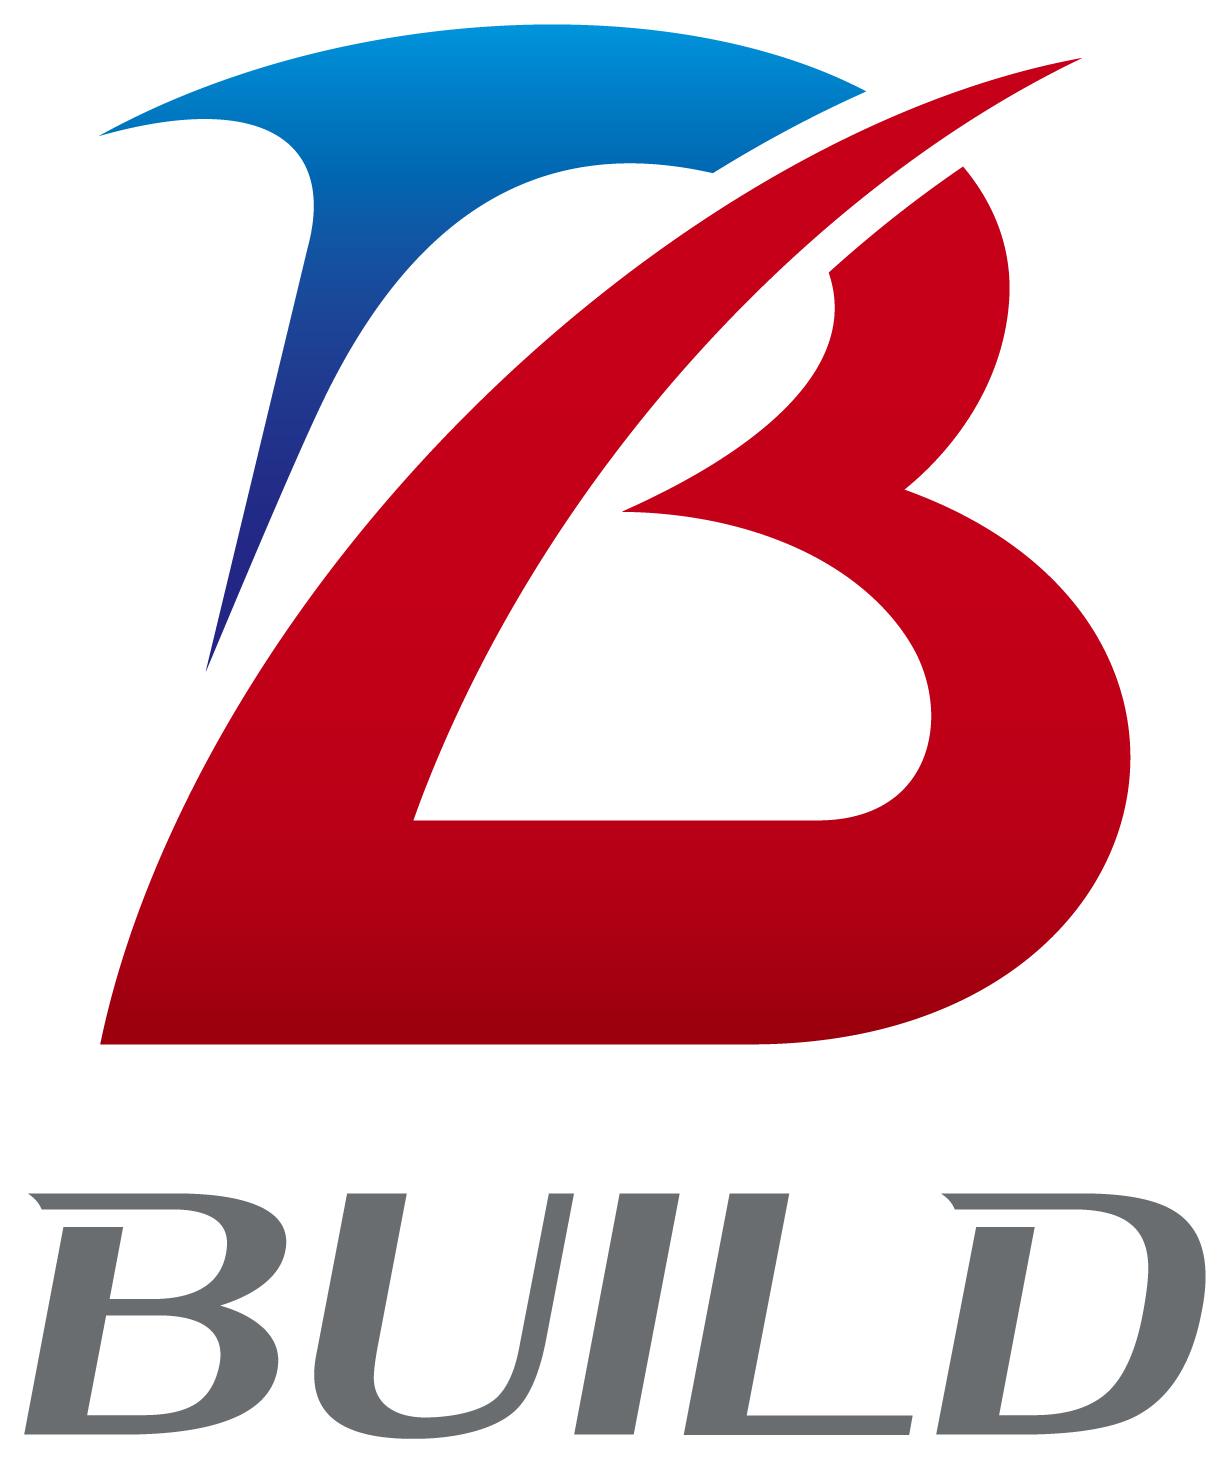 建築/建設/設備/設計/造園とイニシャルと青のロゴ